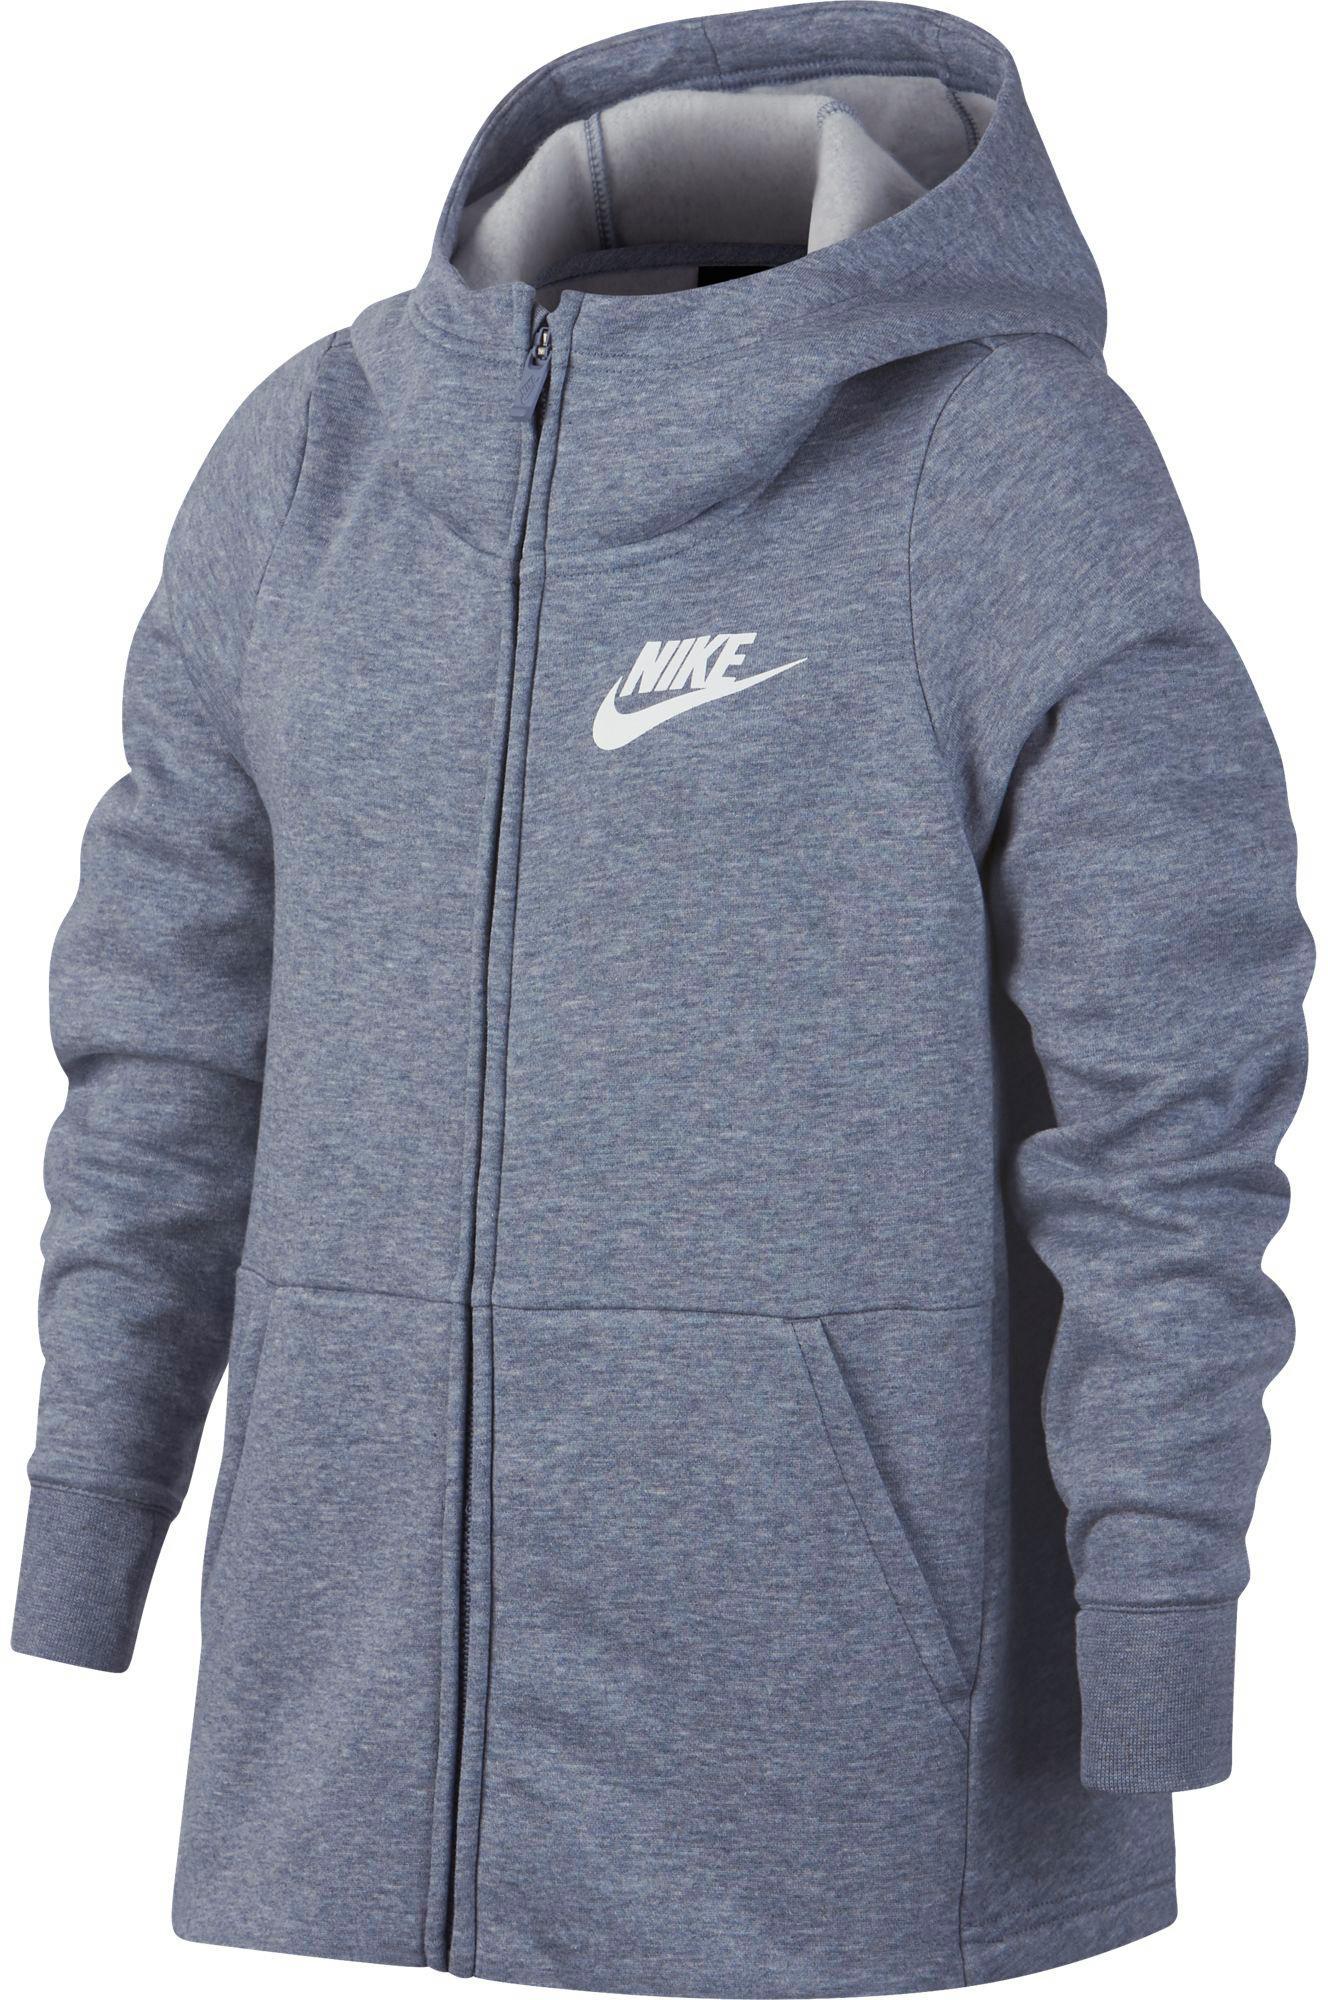 Sportswear Shop » Kinder Von Im Online Für Nike Jacken wEAg8g d397a4f79b